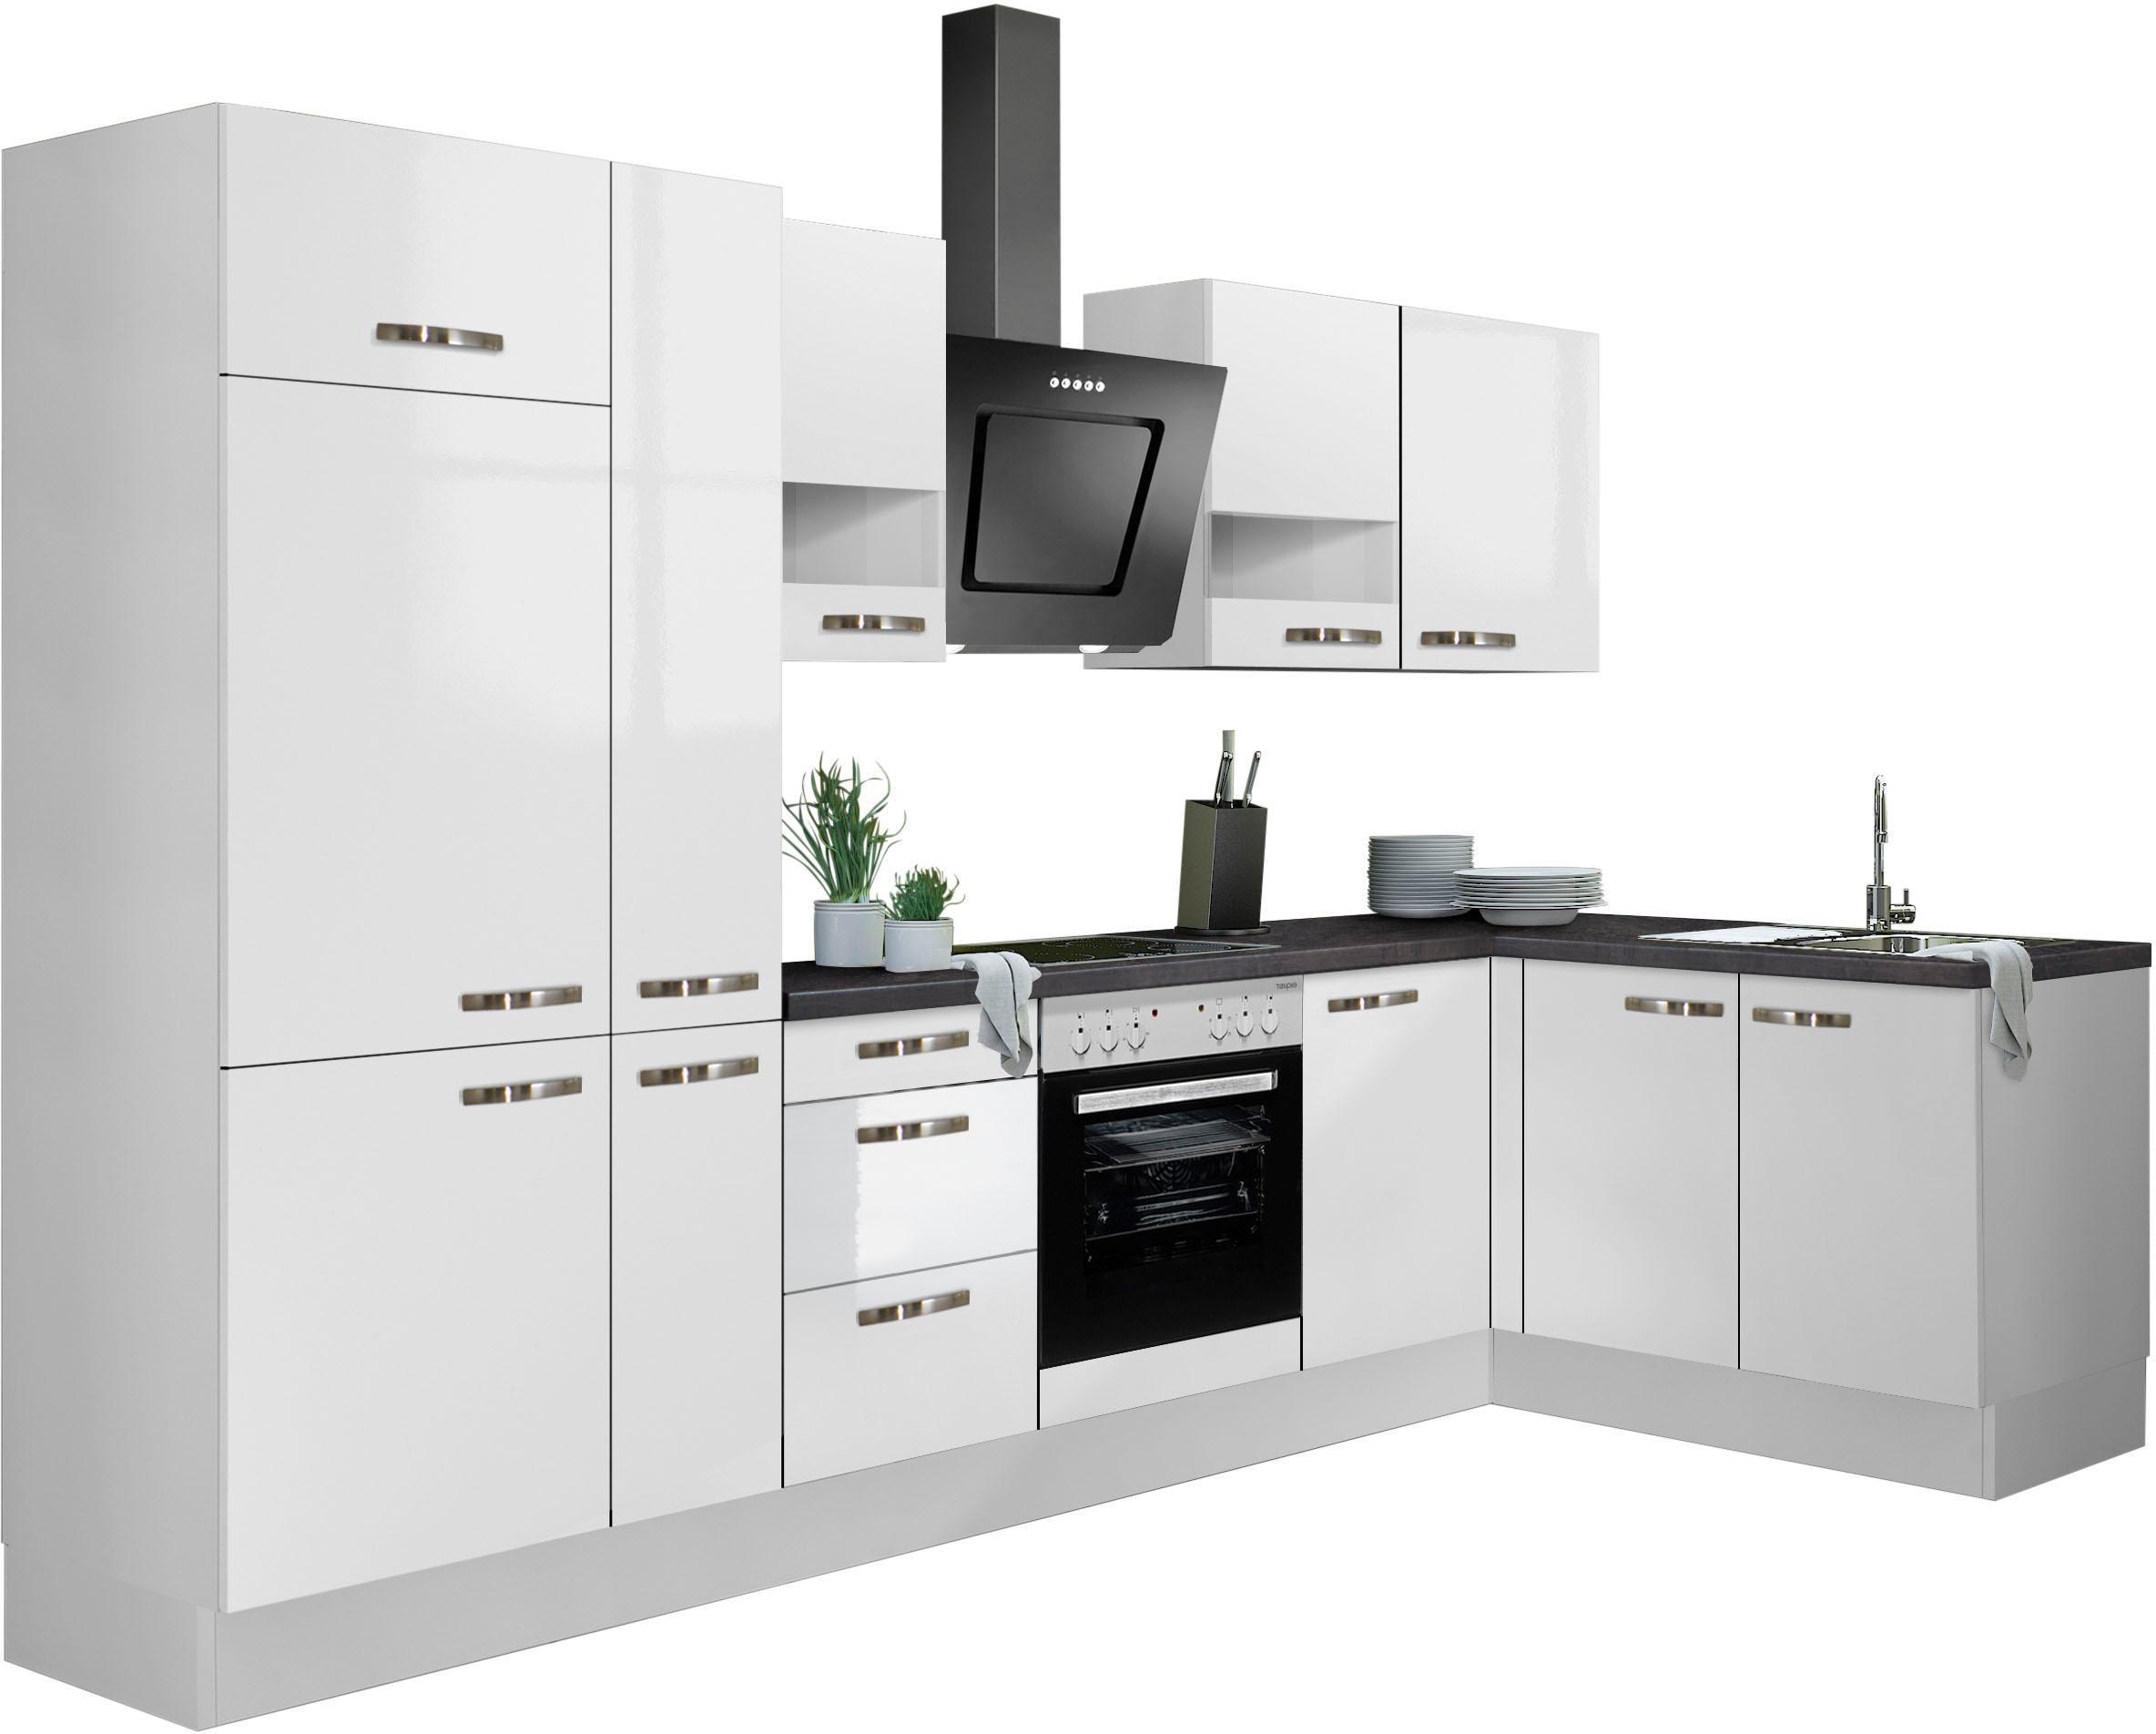 OPTIFIT Winkelküche »Cara«, ohne E-Geräte, Stellbreite 315 x 175 cm | Küche und Esszimmer > Küchen > Winkelküchen | OPTIFIT